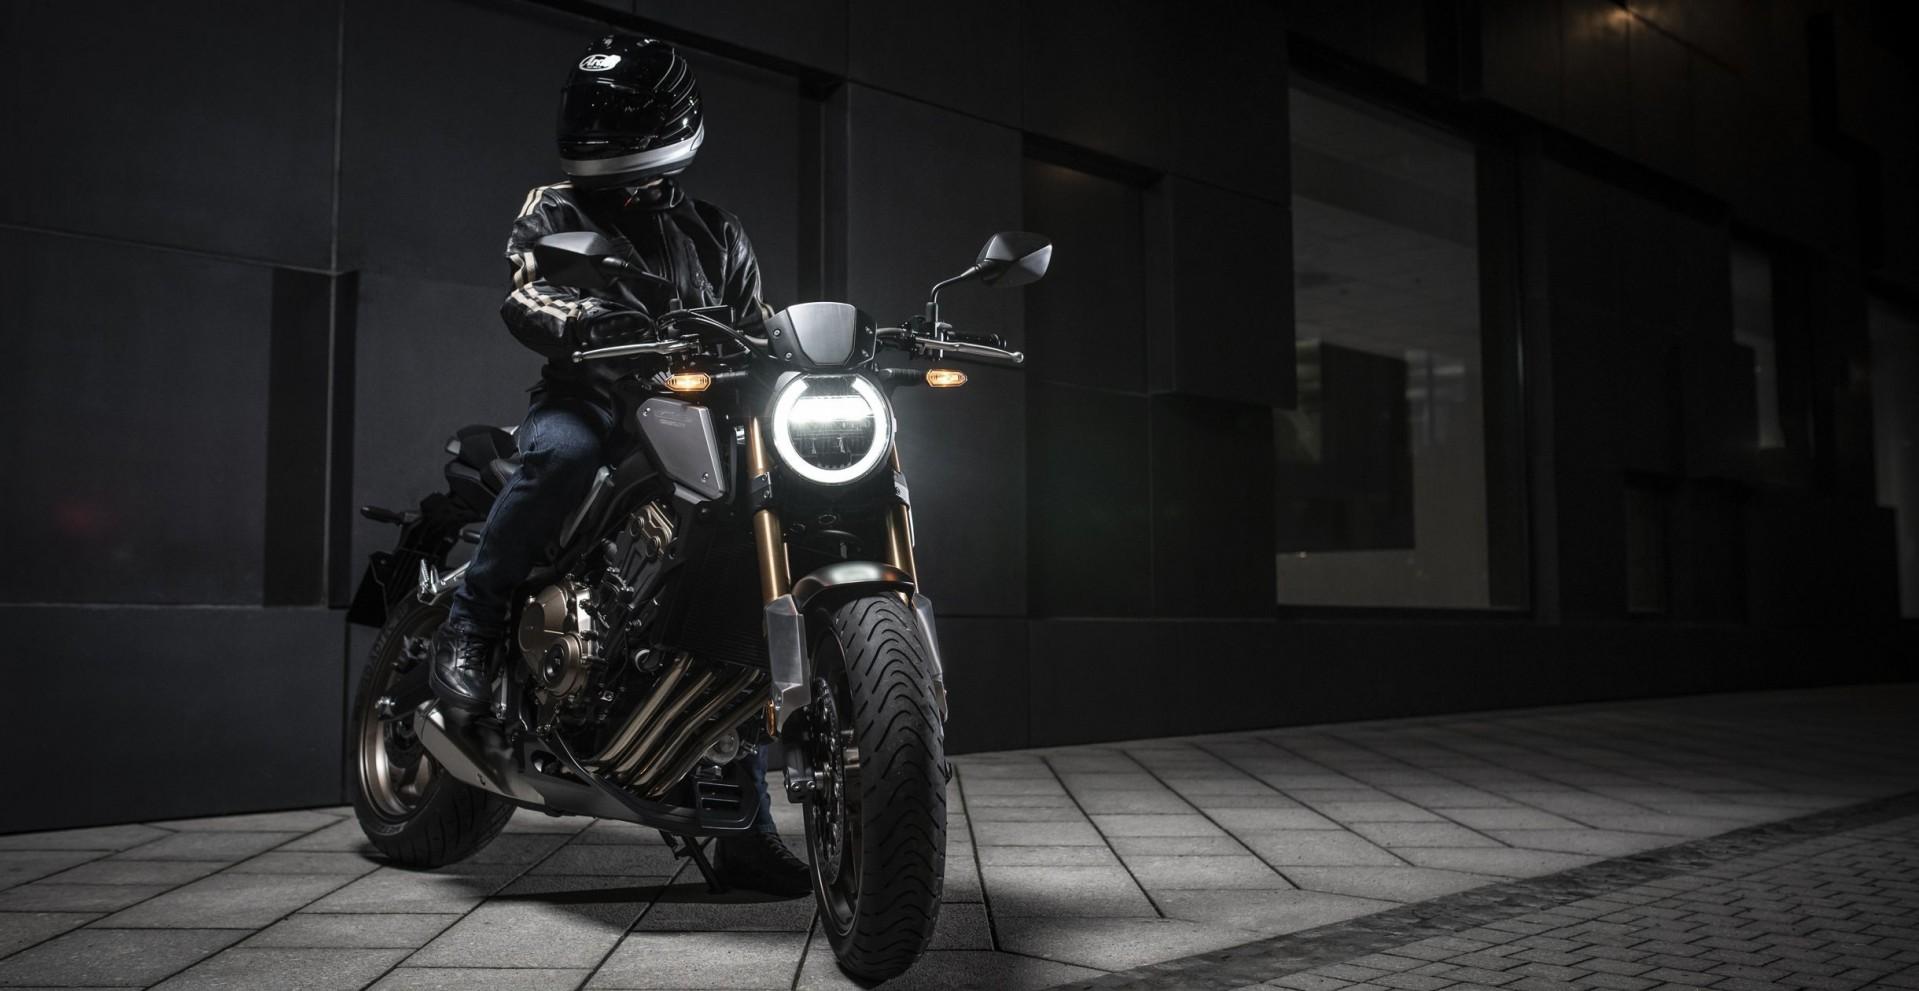 CB650R Neo Sports Café : le nouveau roadster mid-size Honda vient enrichir la gamme Neo Sports Café